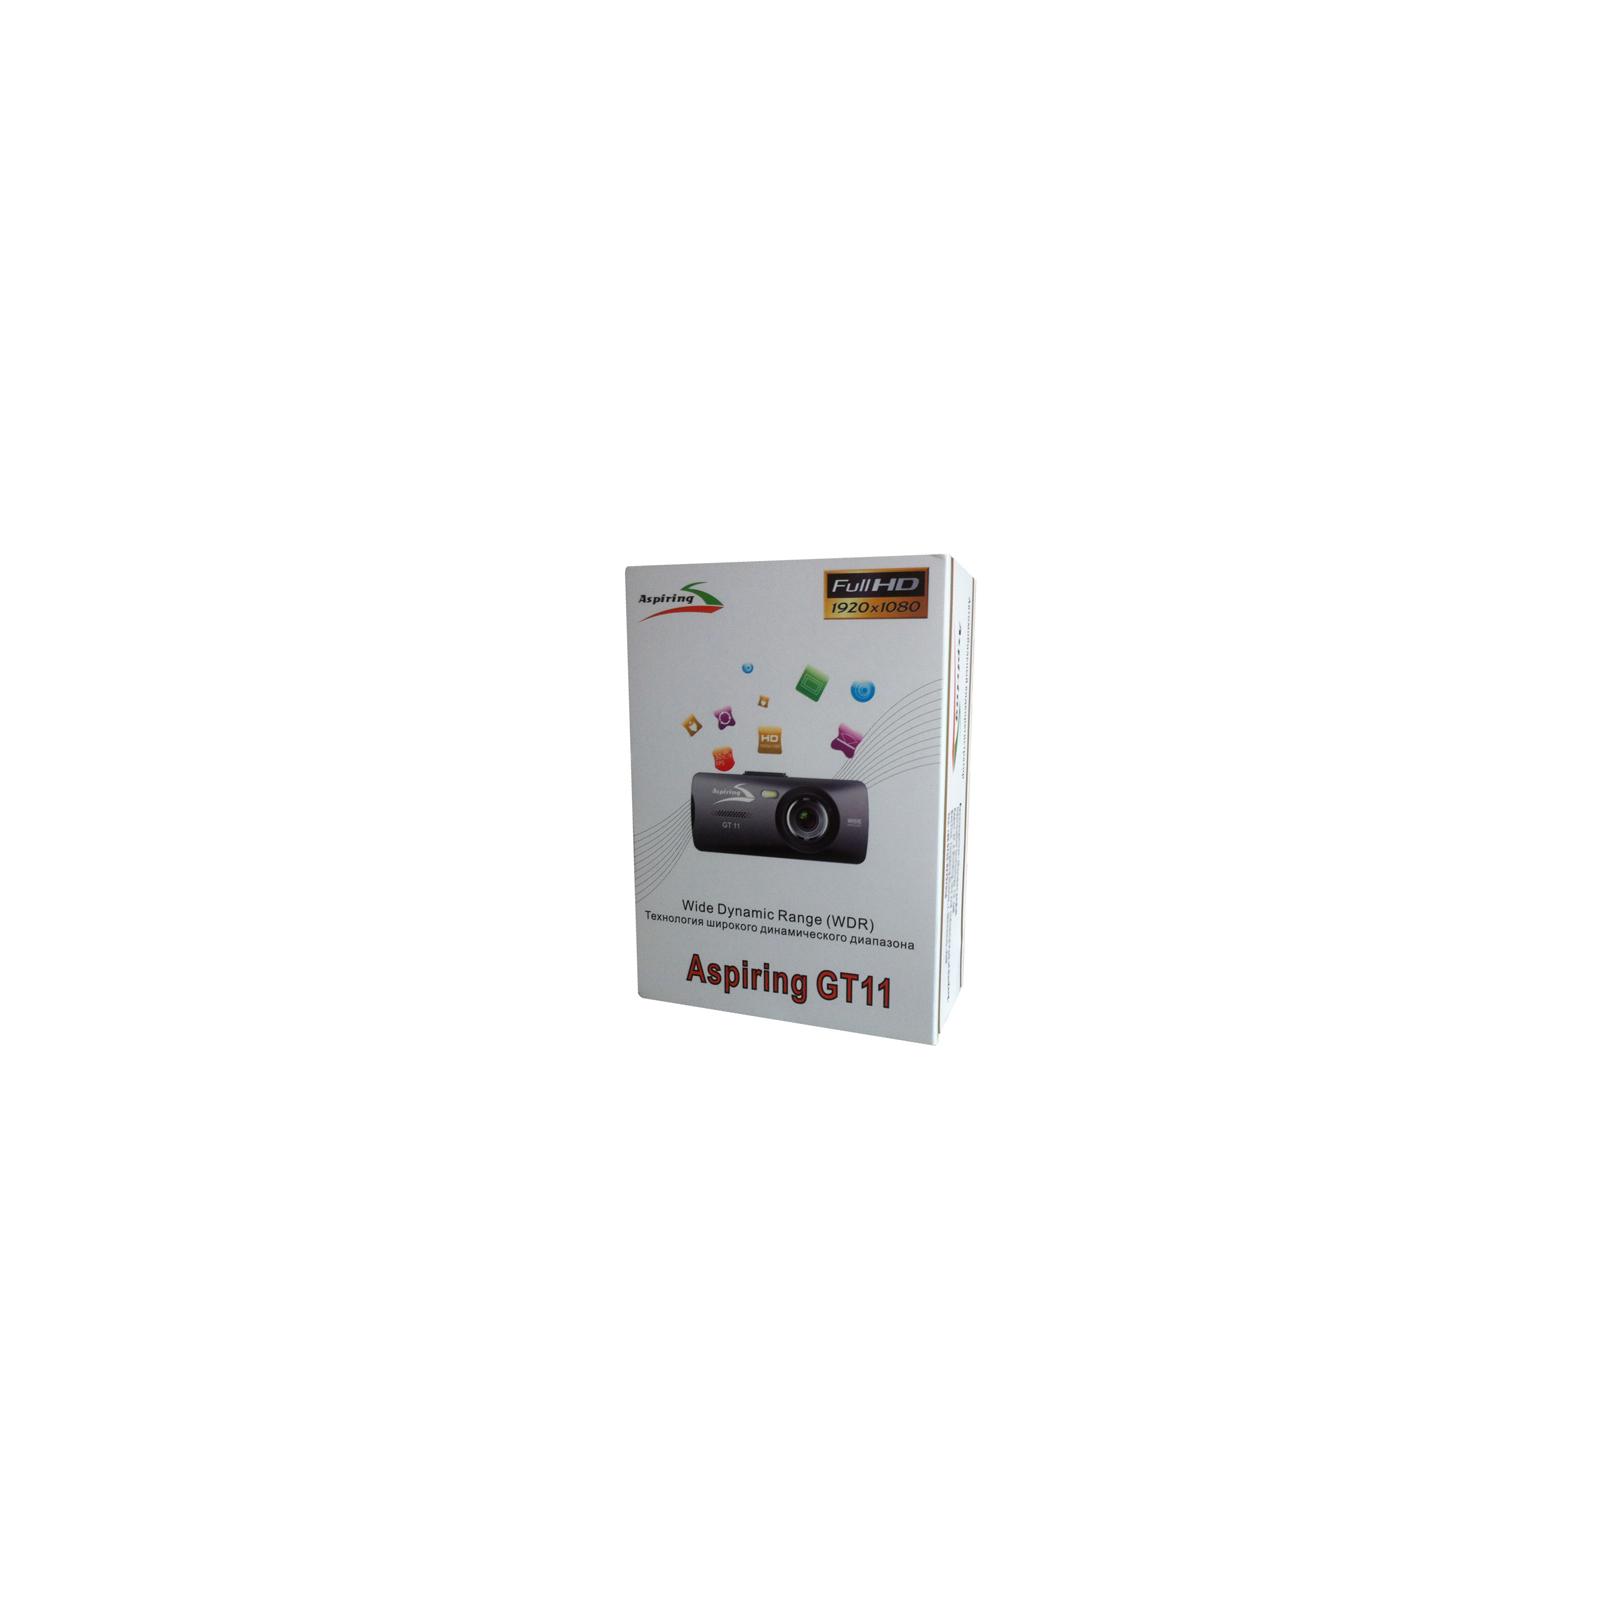 Видеорегистратор Aspiring GT 11 (GT11) изображение 4